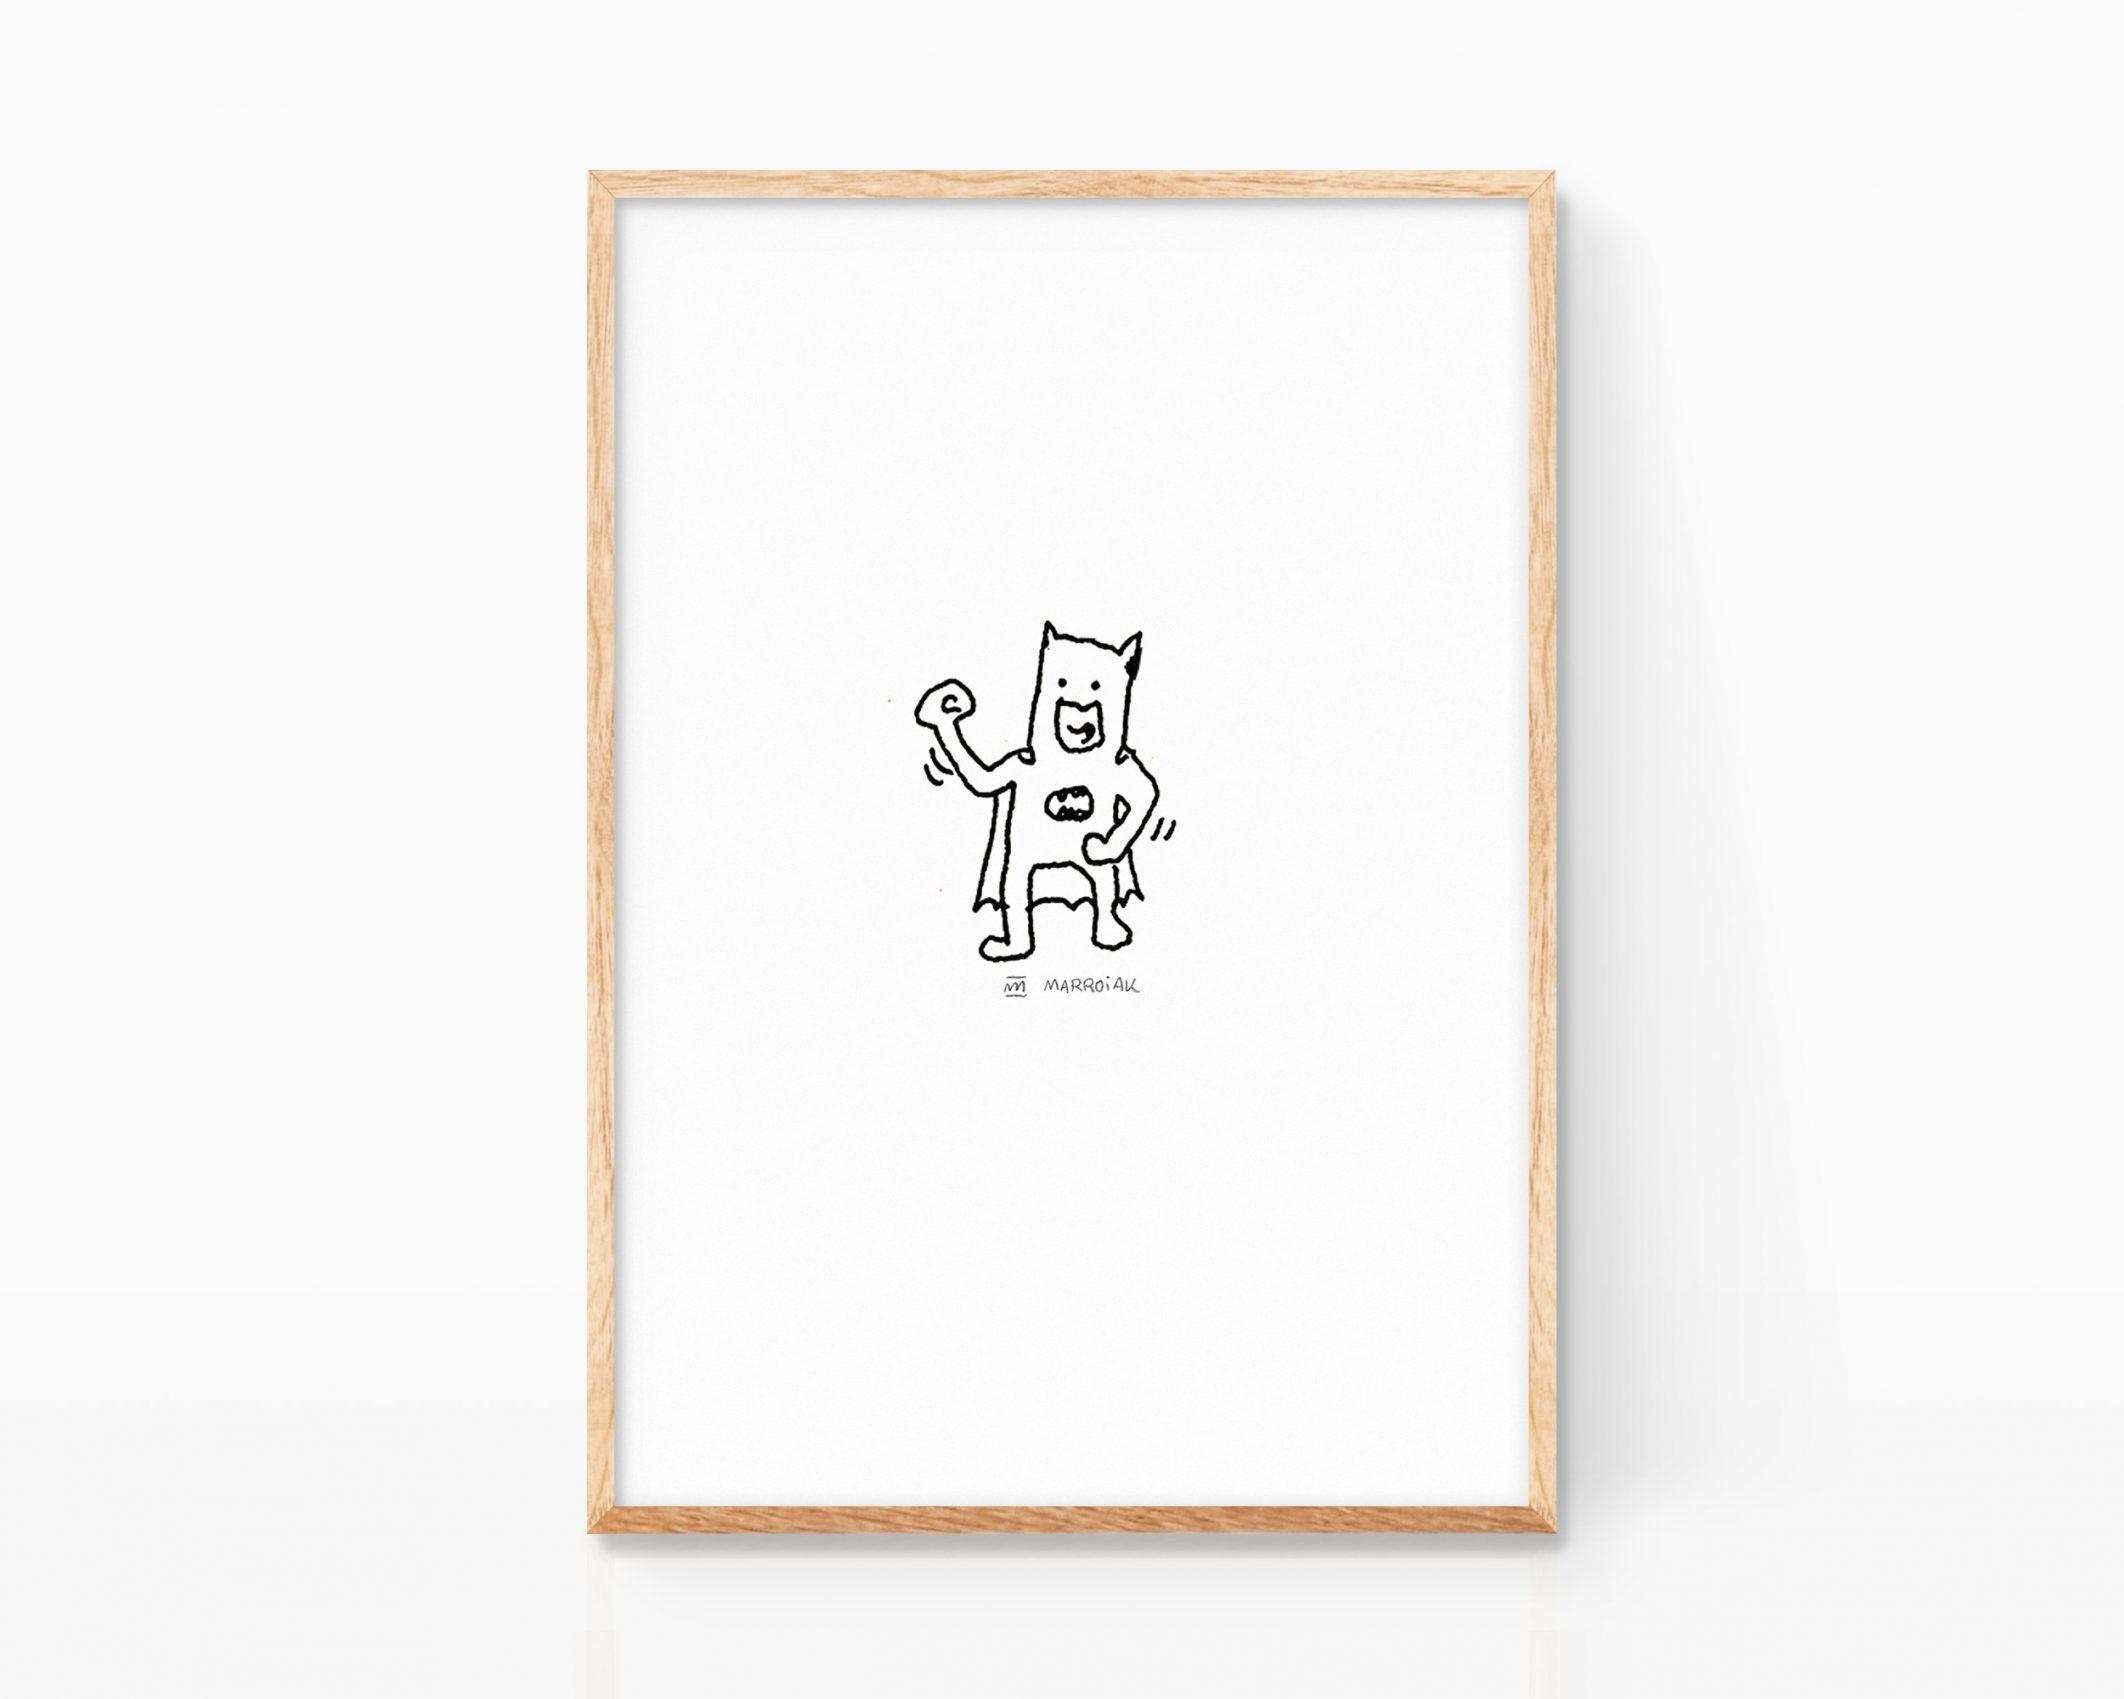 Lámina decorativa de batman. Ilustración minimalista y grunge